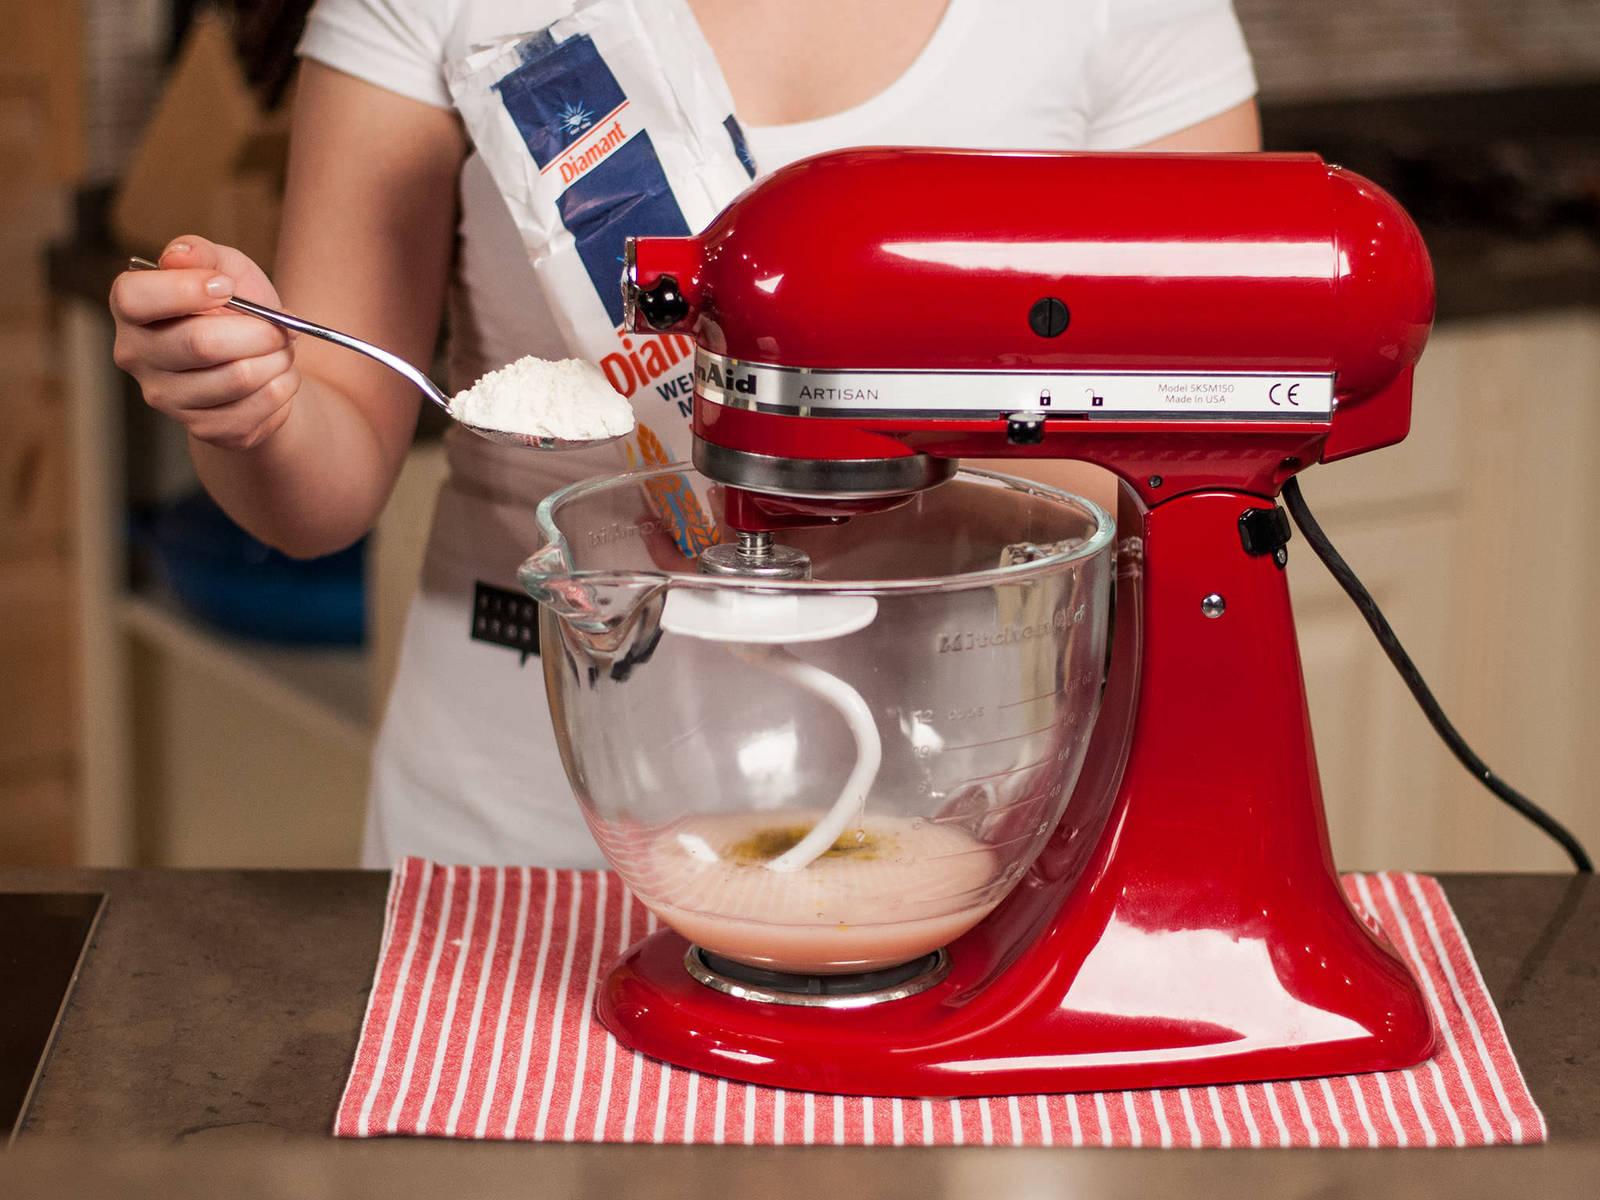 将酵母粉溶解在微温的水中。加入面粉、牛至、迷迭香、姜黄、盐与胡椒粉,搅拌约10分钟,直至形成光滑的面团。将面团盖好,放在温暖处发酵至两倍大,约40分钟。